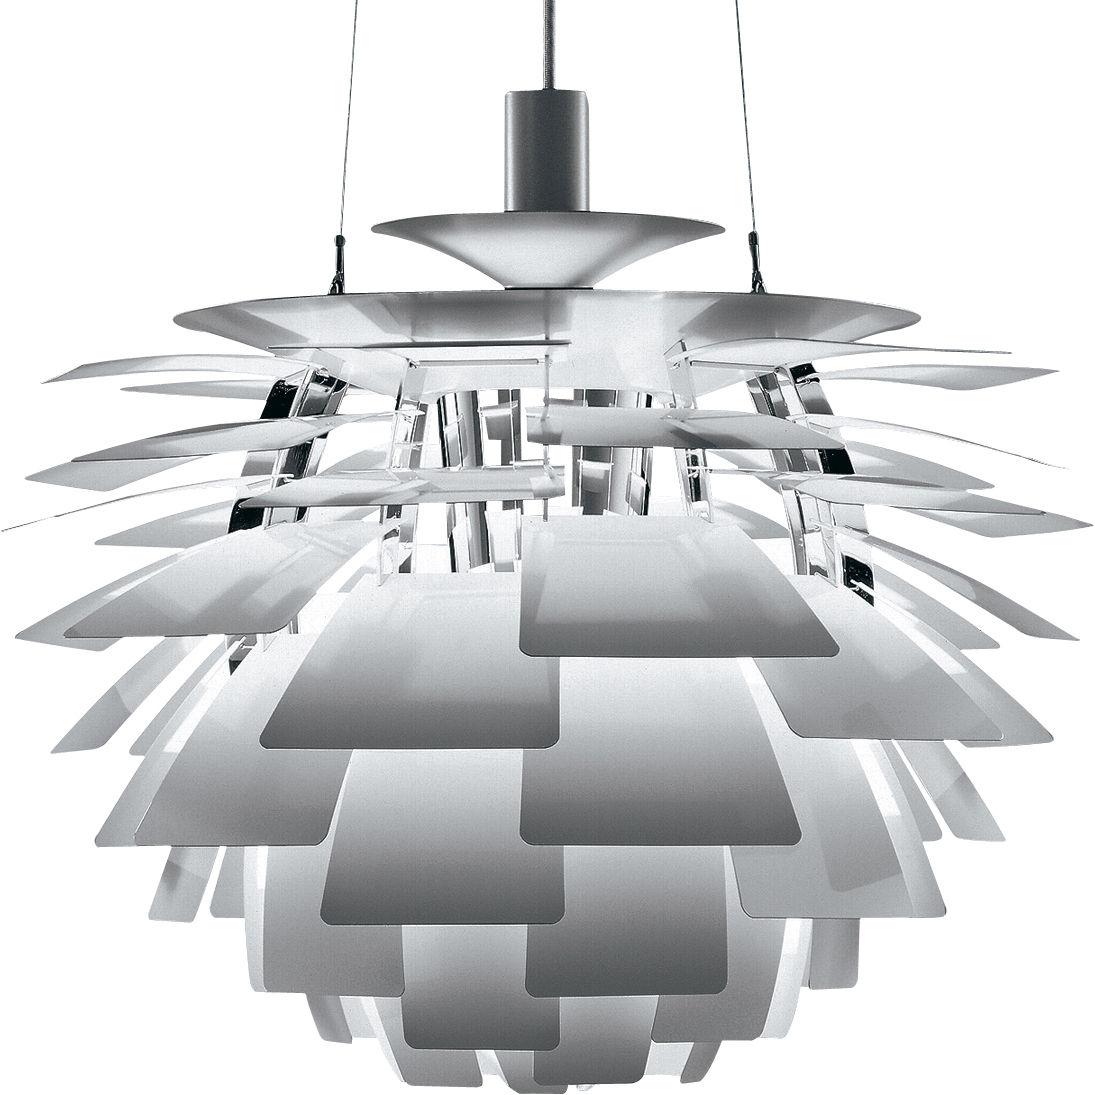 Luminaire - Suspensions - Suspension PH Artichoke Ø 60 cm - Louis Poulsen - Acier inox - Acier, Aluminium